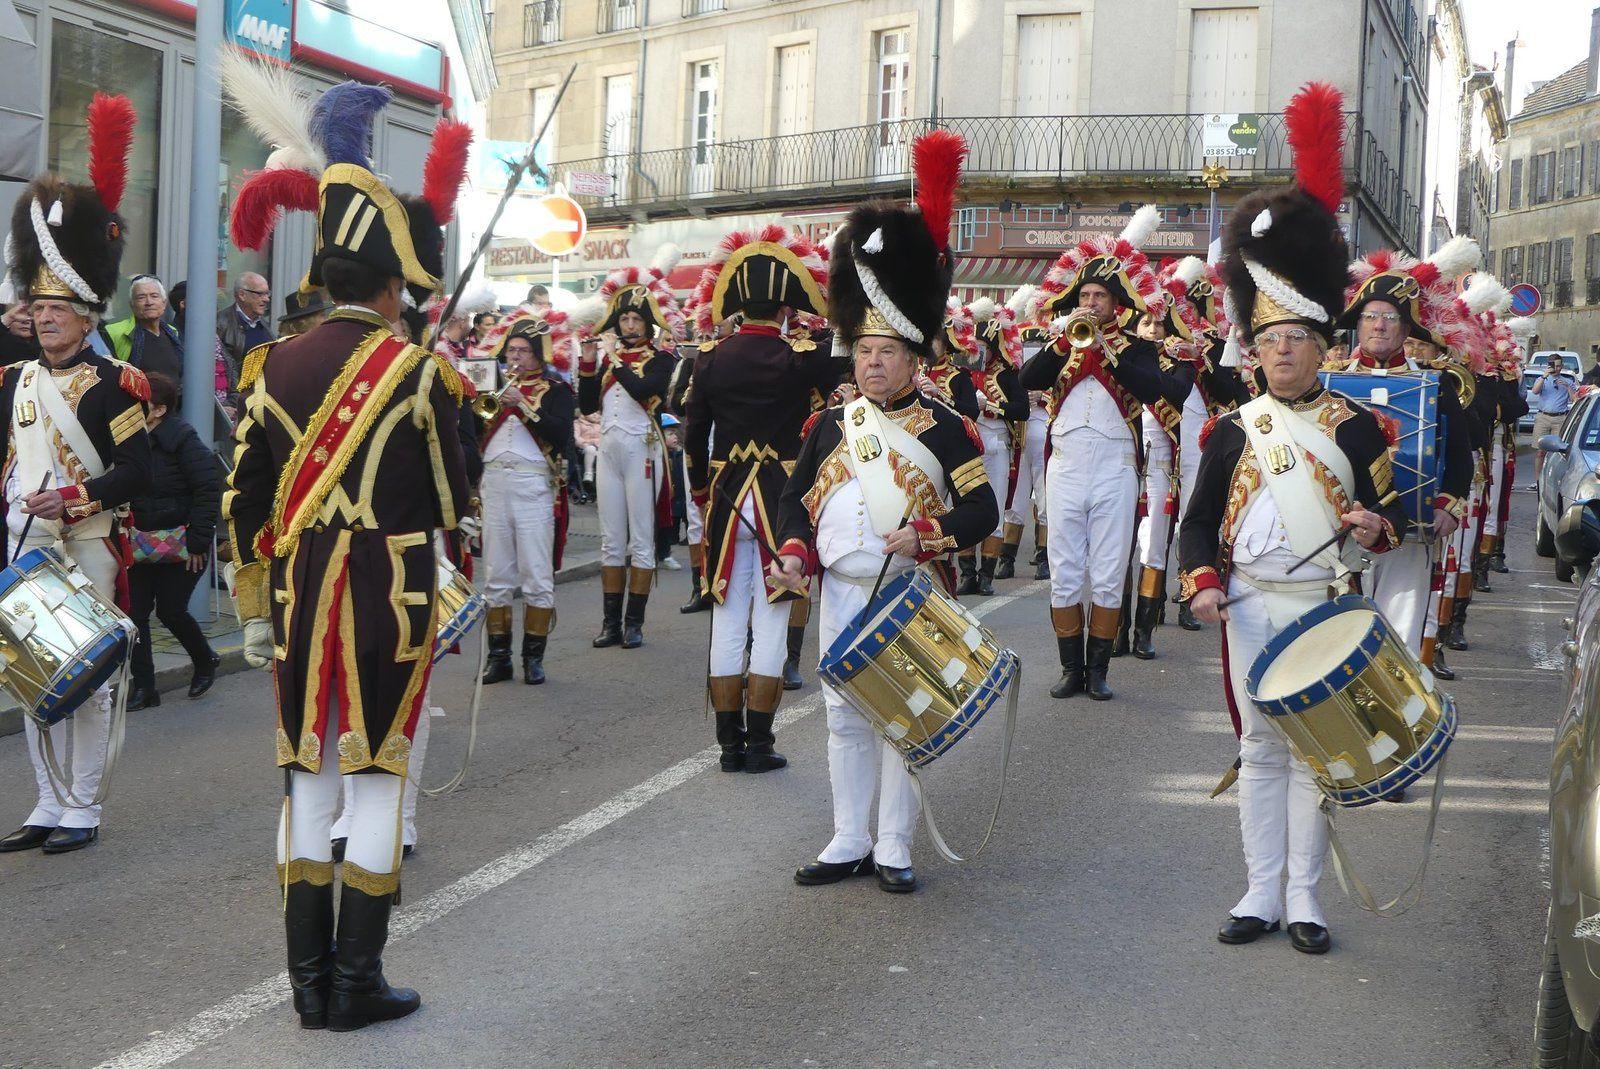 ¤¤¤ Quartier centre ville - Rue de l'Arbalète 71400 Autun ¤¤¤